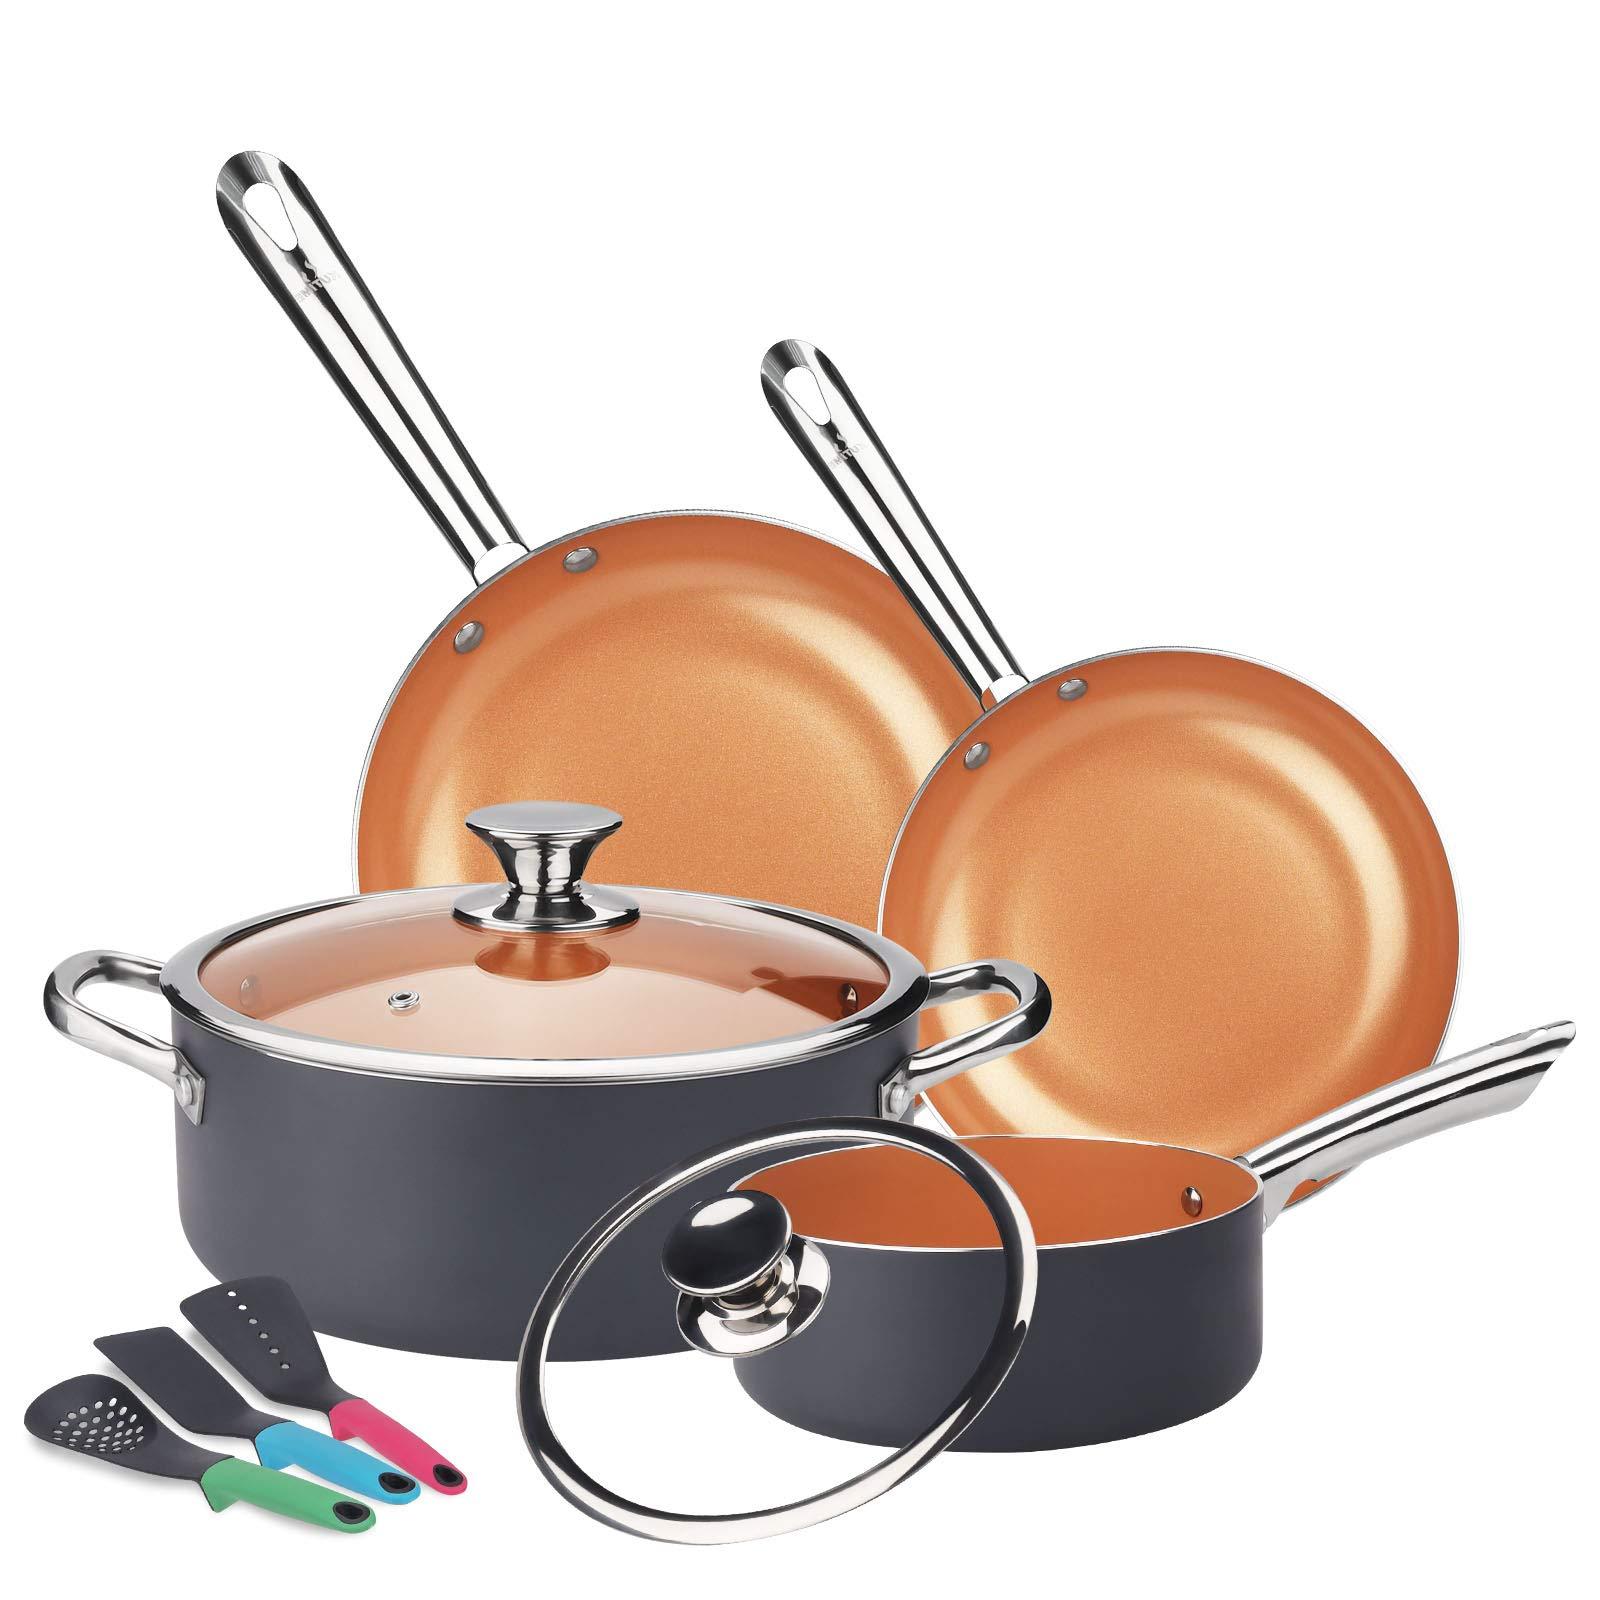 KUTIME Cookware Set 9pcs Non-Sick Pots and Pans Set Ceramic Coating Frying Pan Grill Pan Sauce Pan Stockpot with Lids…